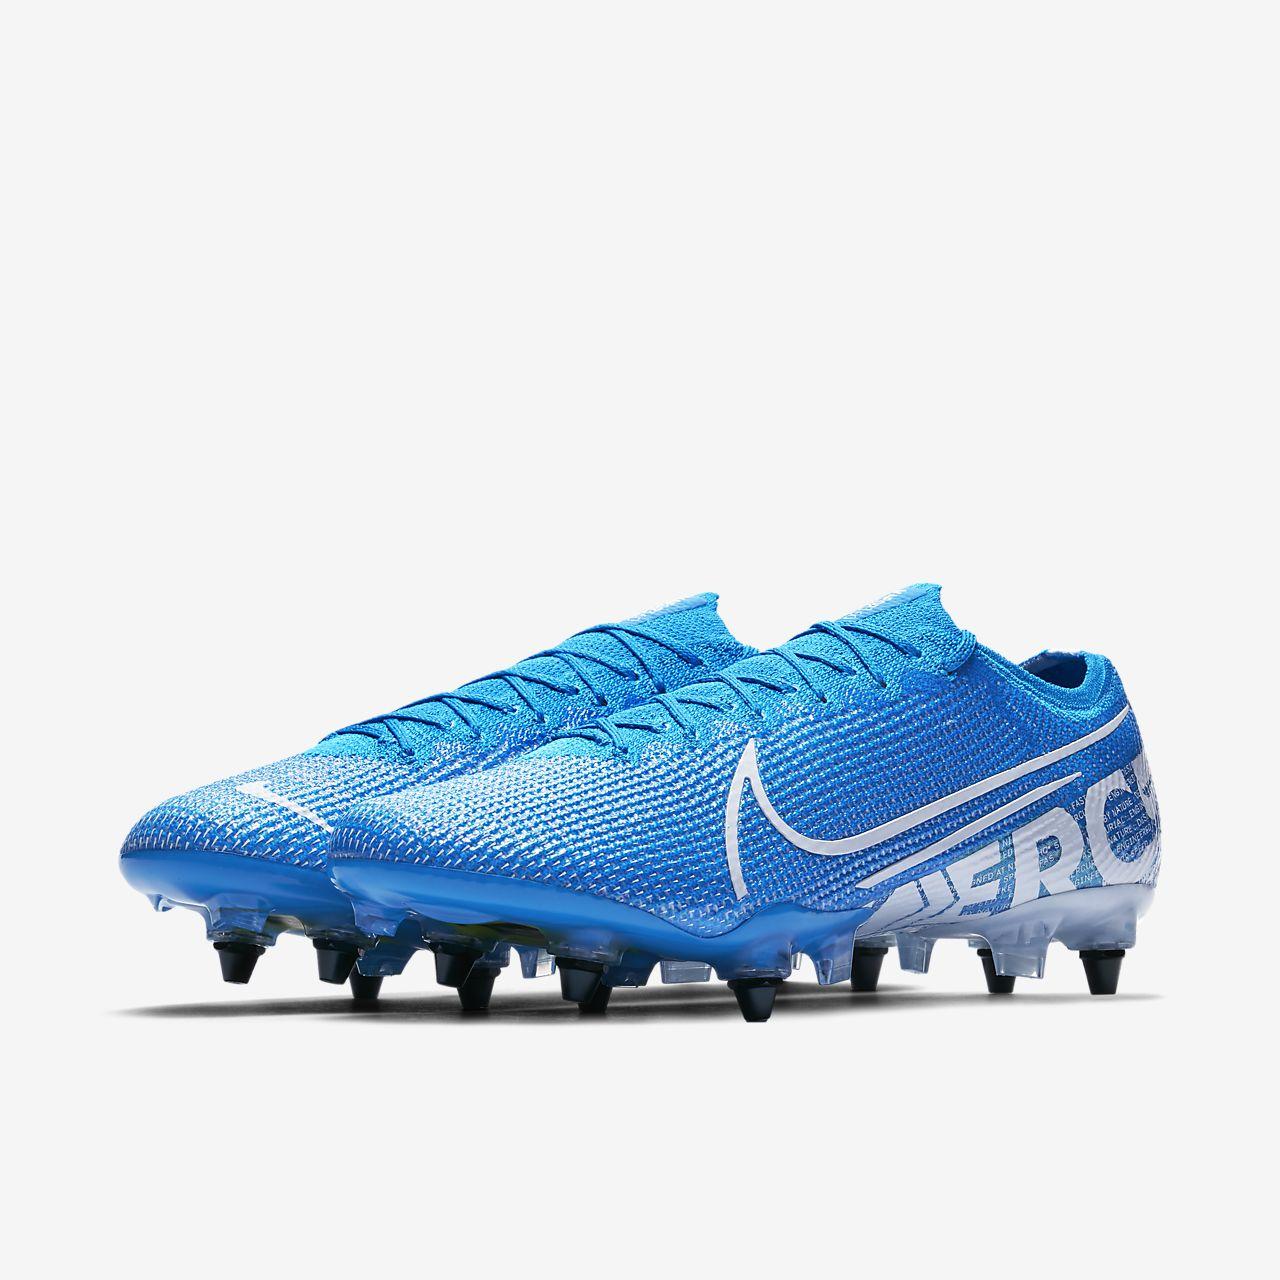 Vapor Crampons Elite Terrain Gras Mercurial Anti Nike Chaussure Traction De À Football Pour Sg Pro 13 Clog CrxoeQBWd